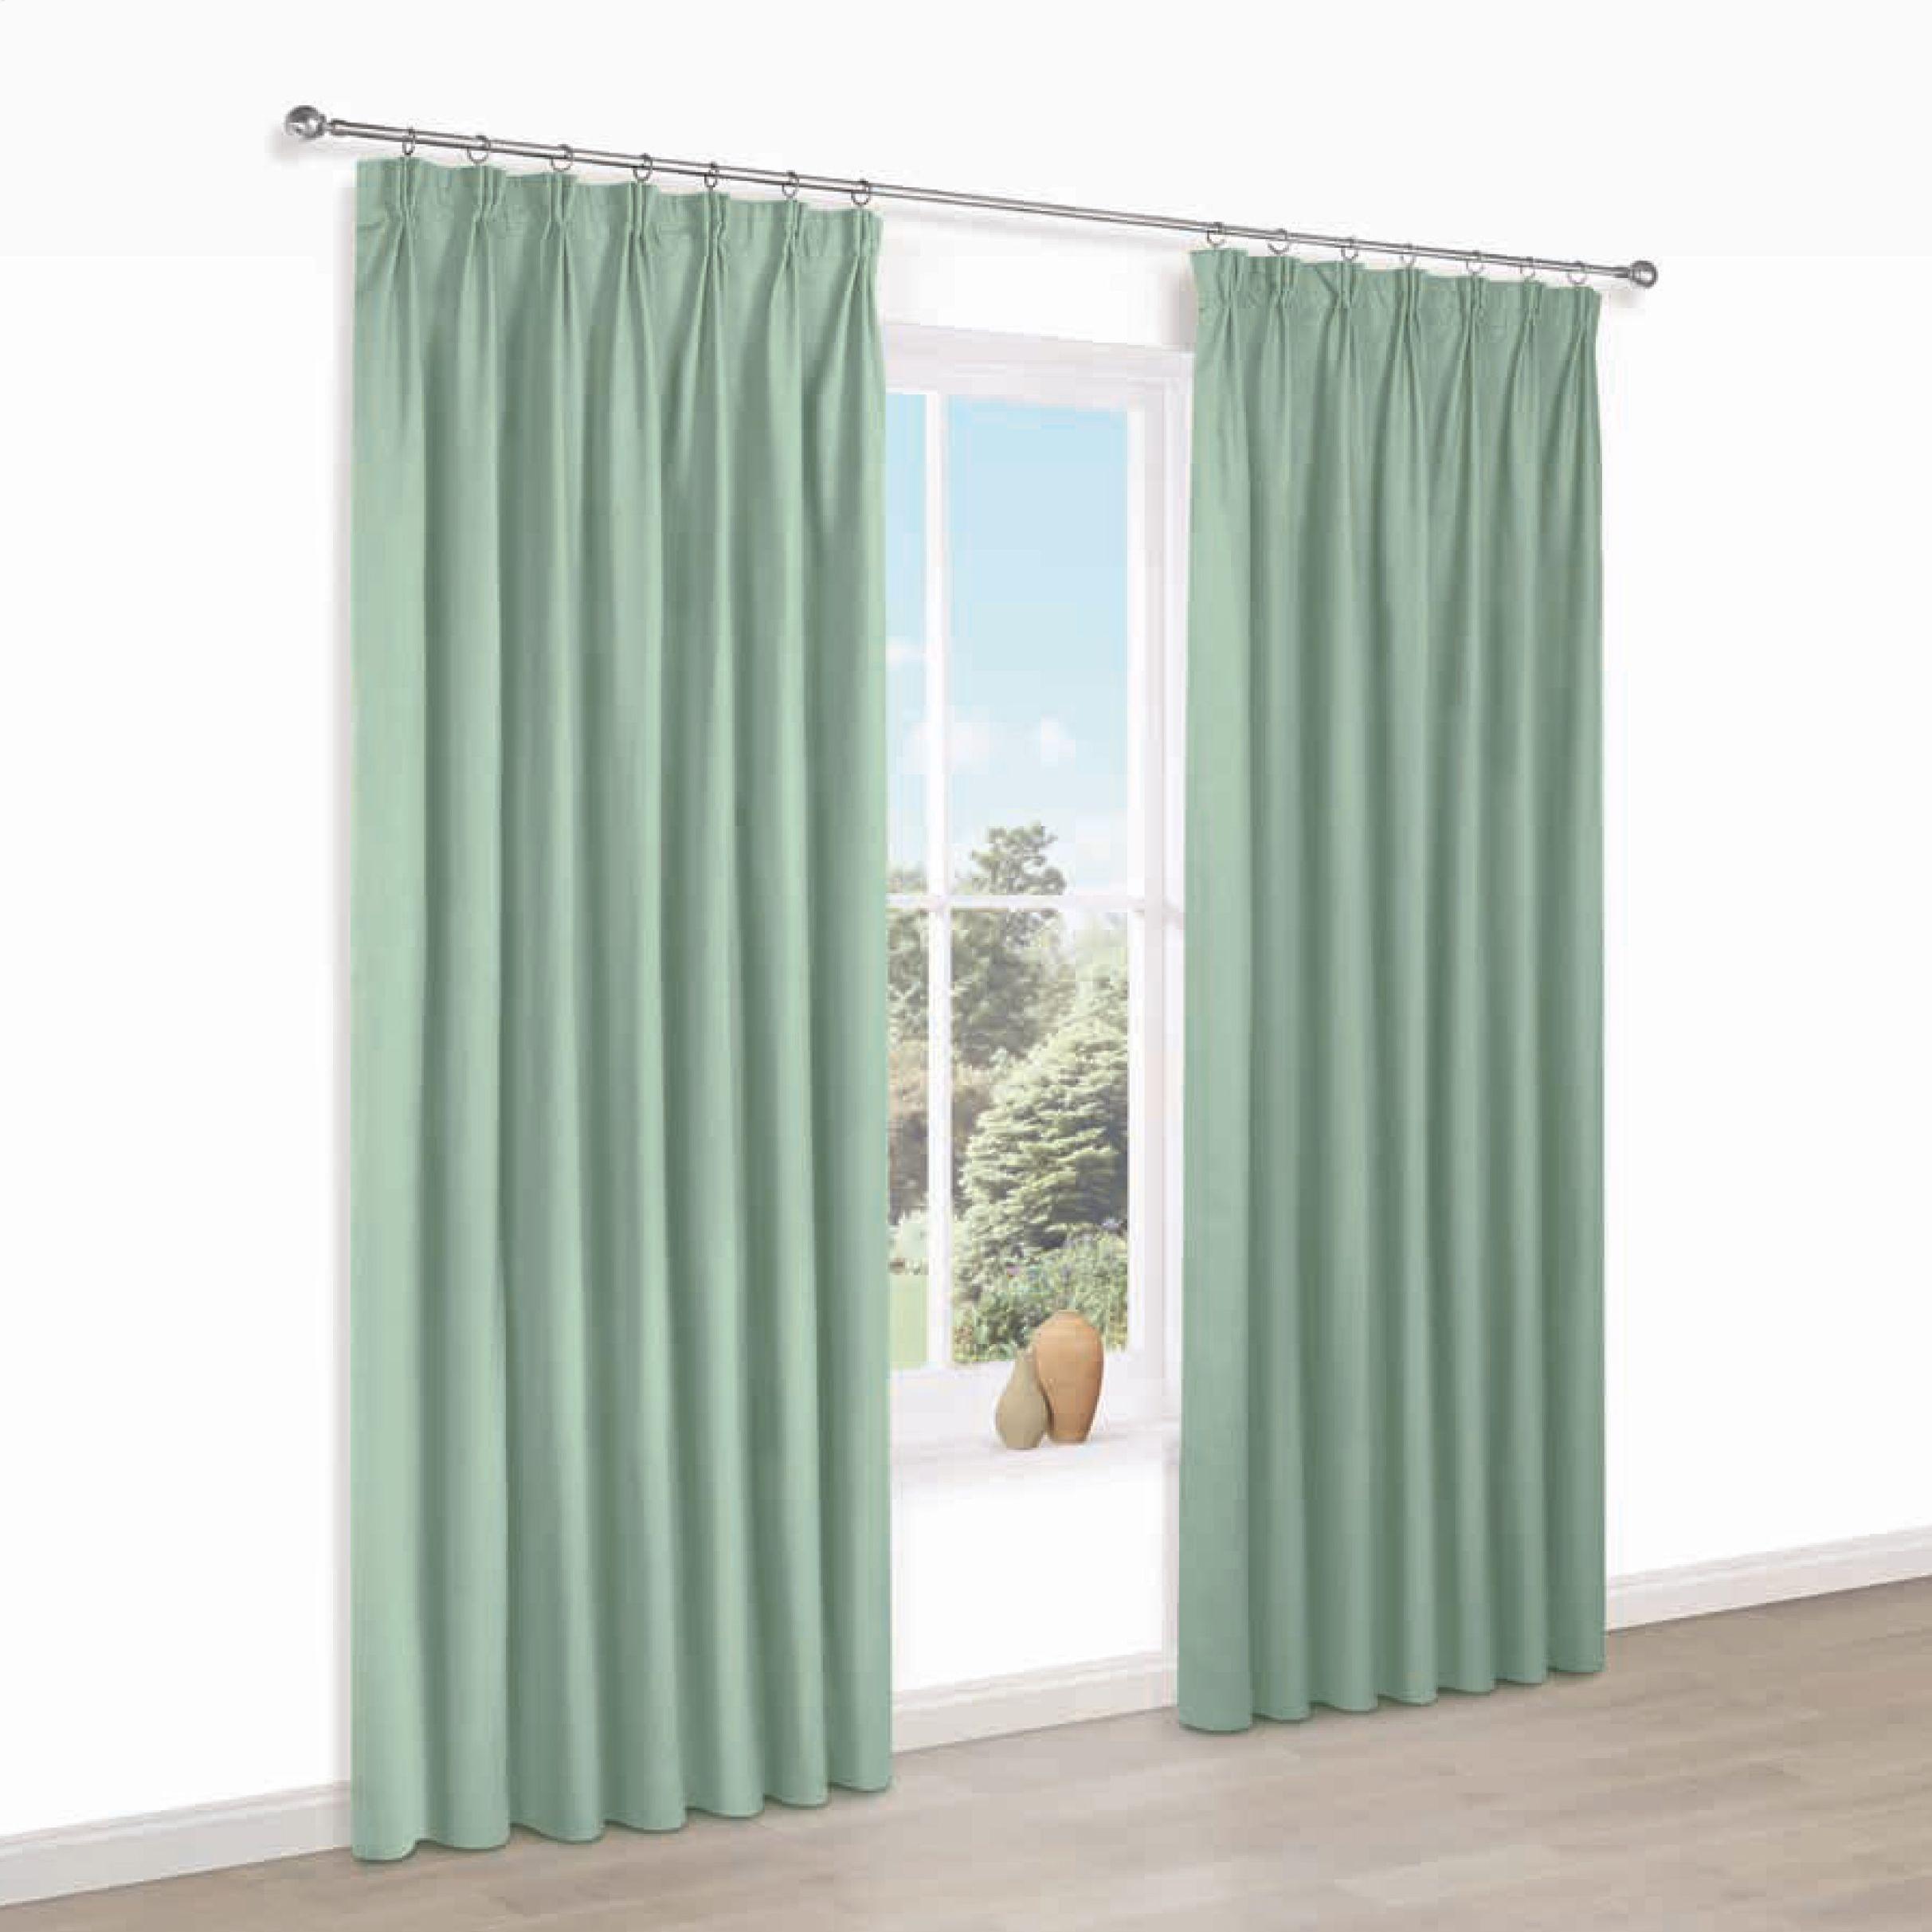 Prestige Oural Plain Pencil Pleat Lined Curtains (w)167 Cm (l)228 Cm